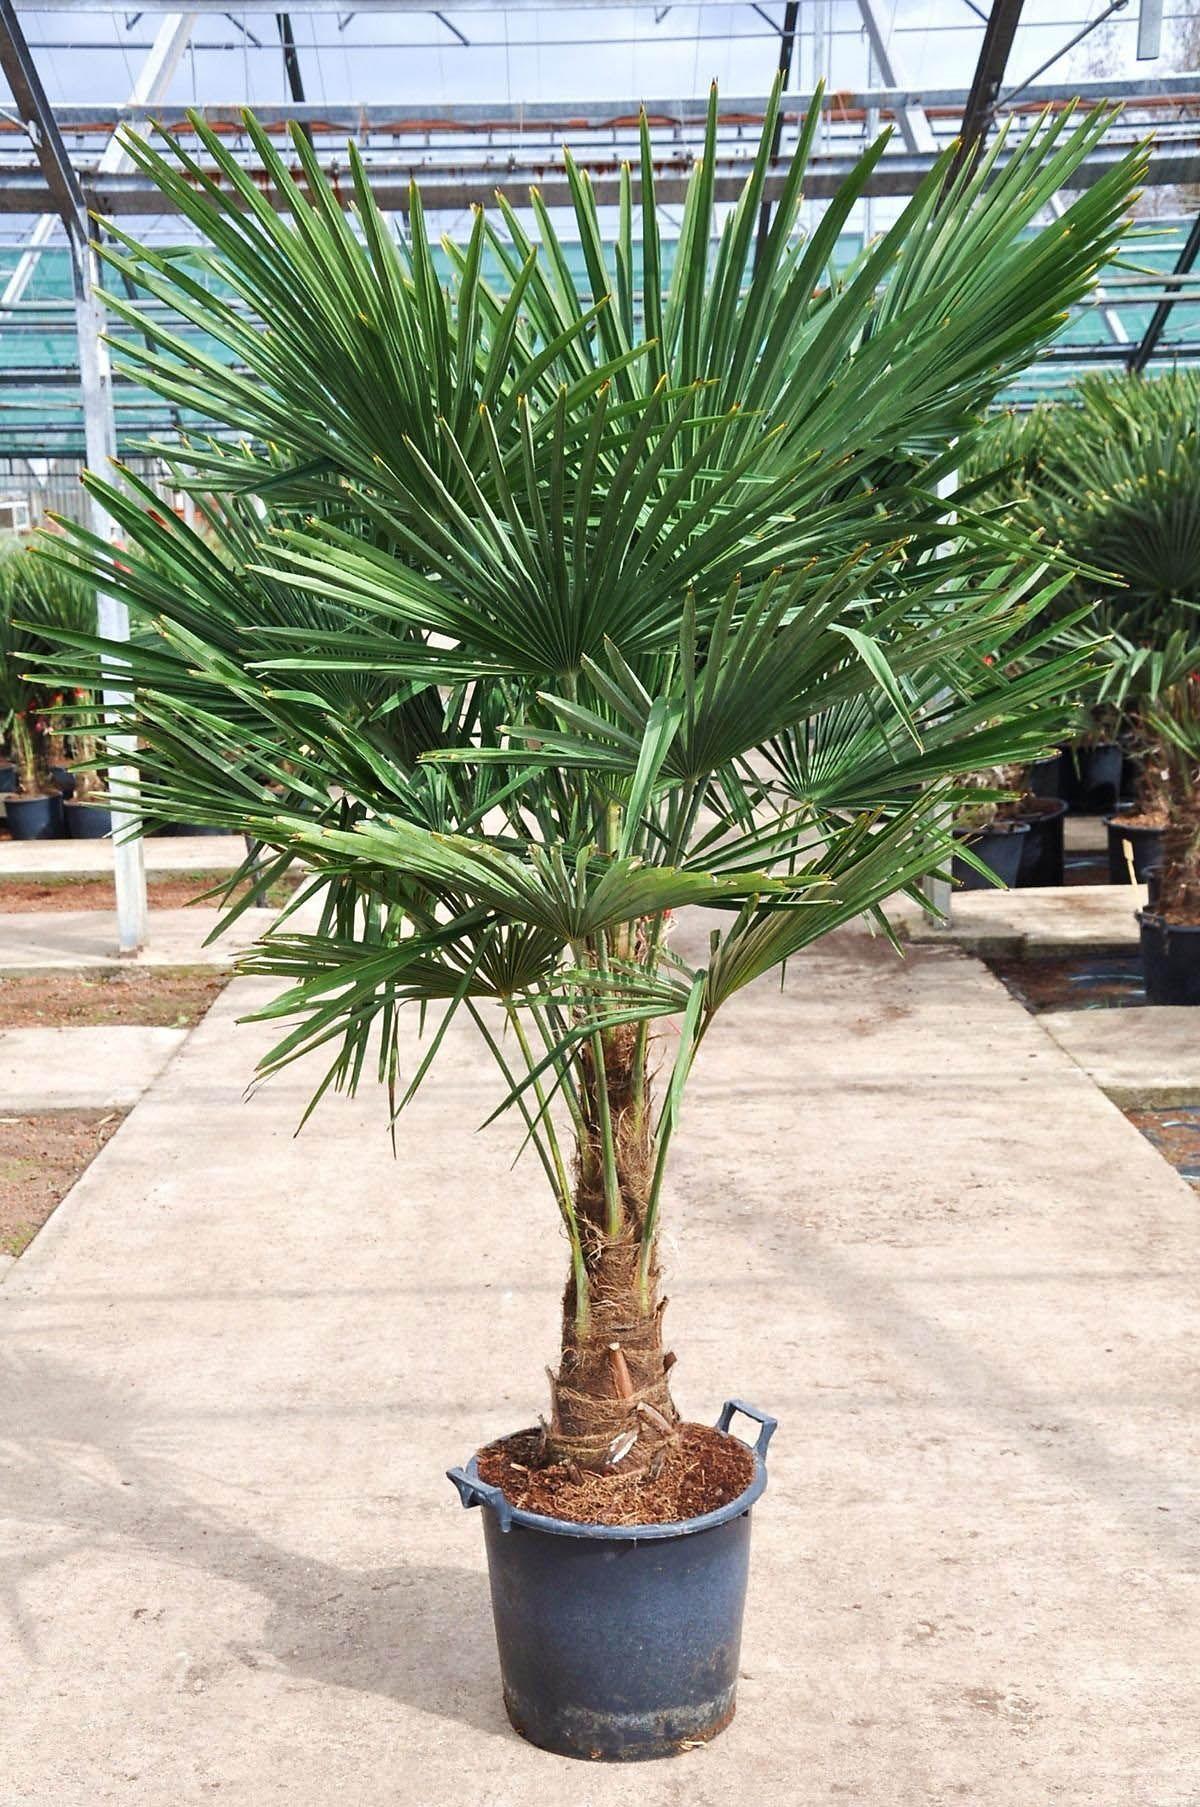 Hanfpalme Premium Fortunei Winterhart 40 50 Stamm Vorbestellungspreis Exotische Pflanzen Hanfpalme Palmen Garten